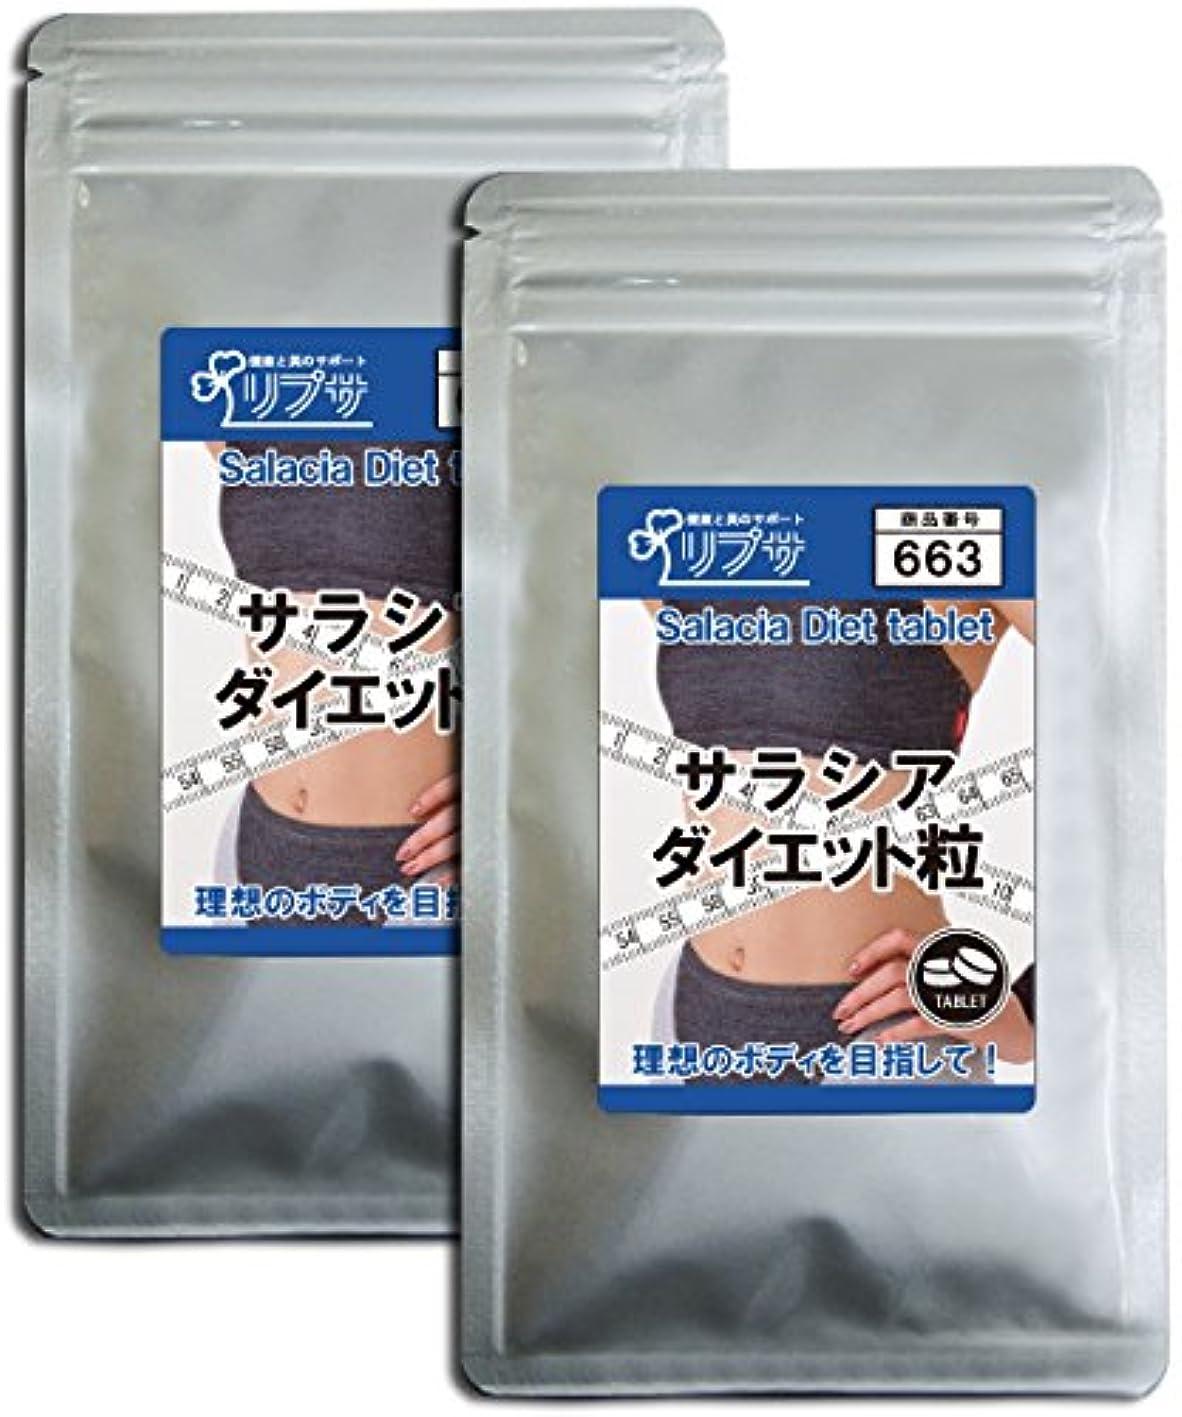 女王窒素一緒にサラシアダイエット粒 約3か月分×2袋 T-663-2